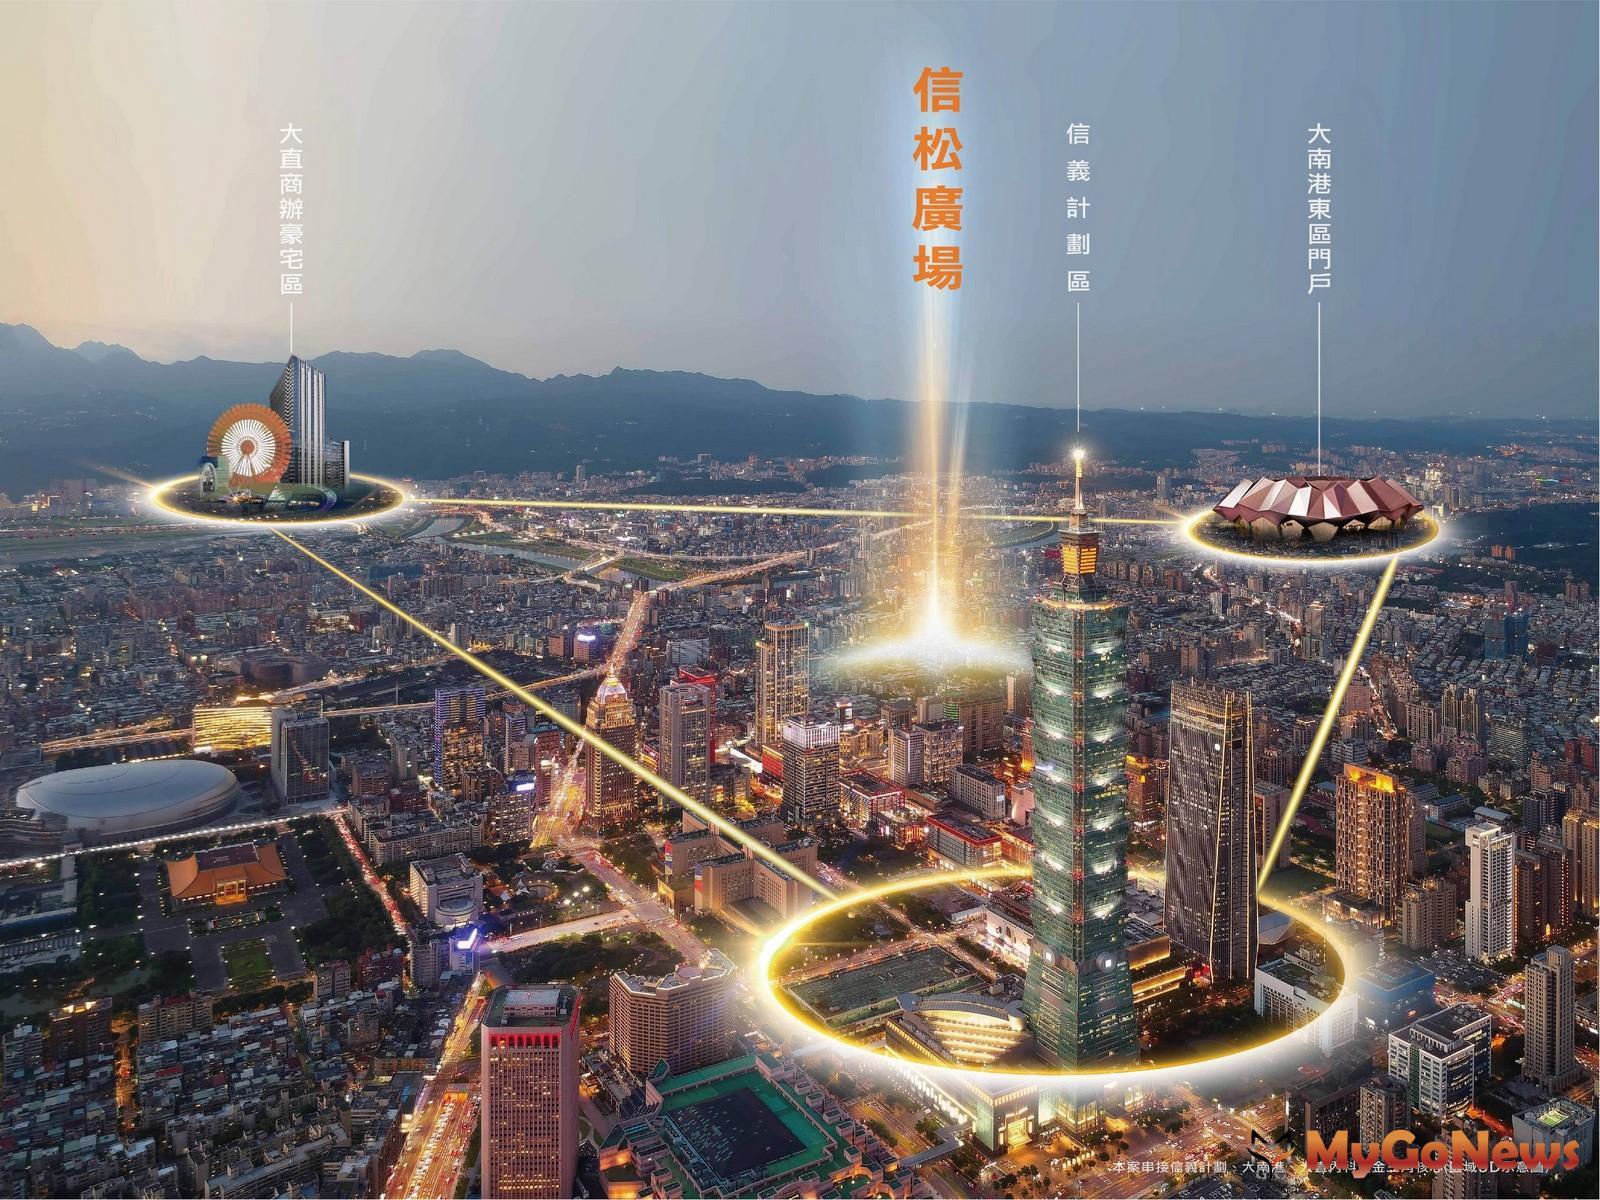 本案串接信義計劃、大南港、大直內科黃金三角核心(區域3D示意圖)。(圖/業者提供) MyGoNews房地產新聞 熱銷推案